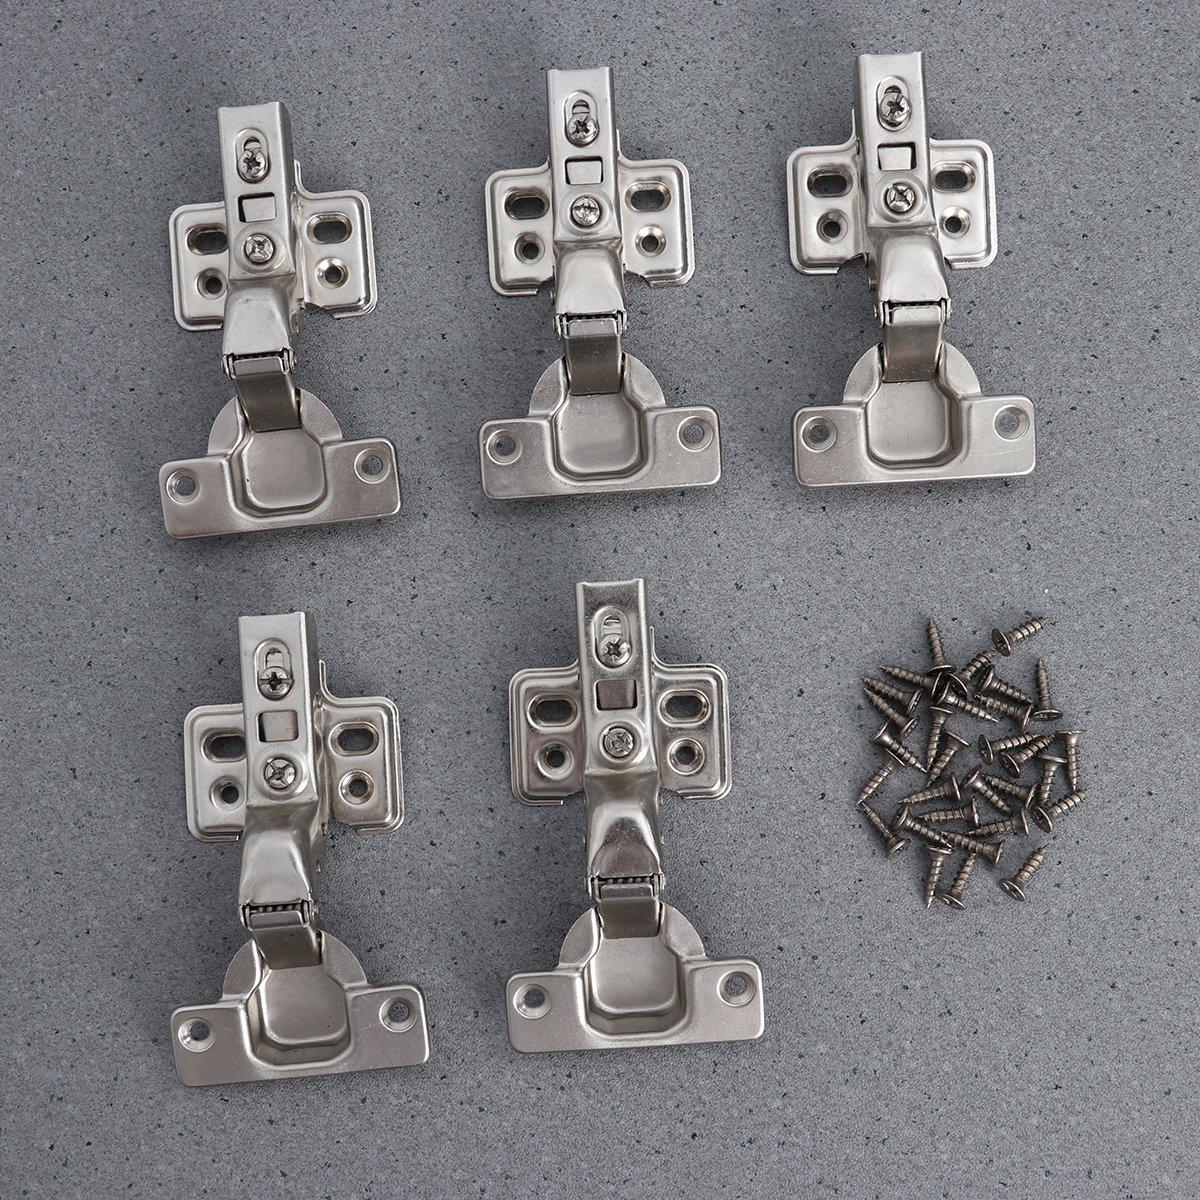 OUNONA 5 Stück Küchen Scharnier 1,2mm Eckanschlag Scharnier ...